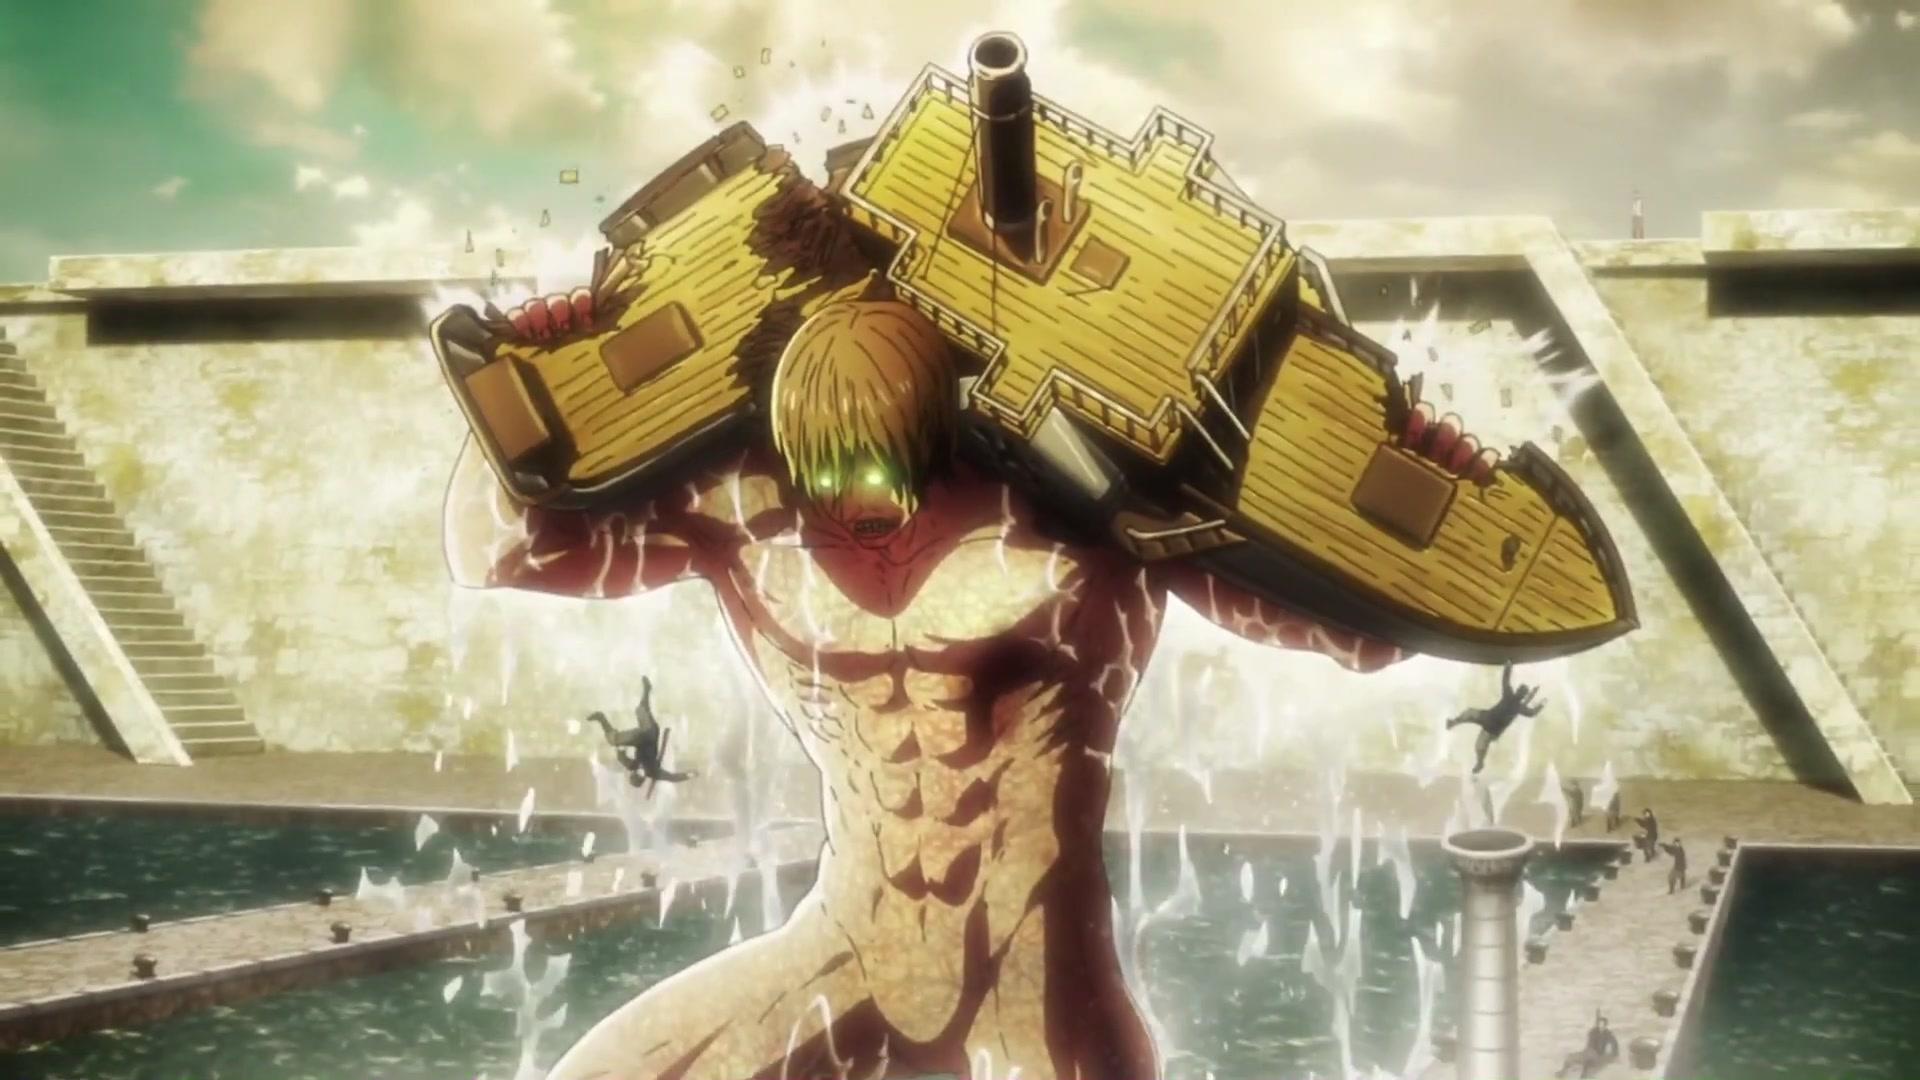 【进击的巨人】S3第20话:艾伦父亲见证艾伦·克鲁格变身进击的巨人